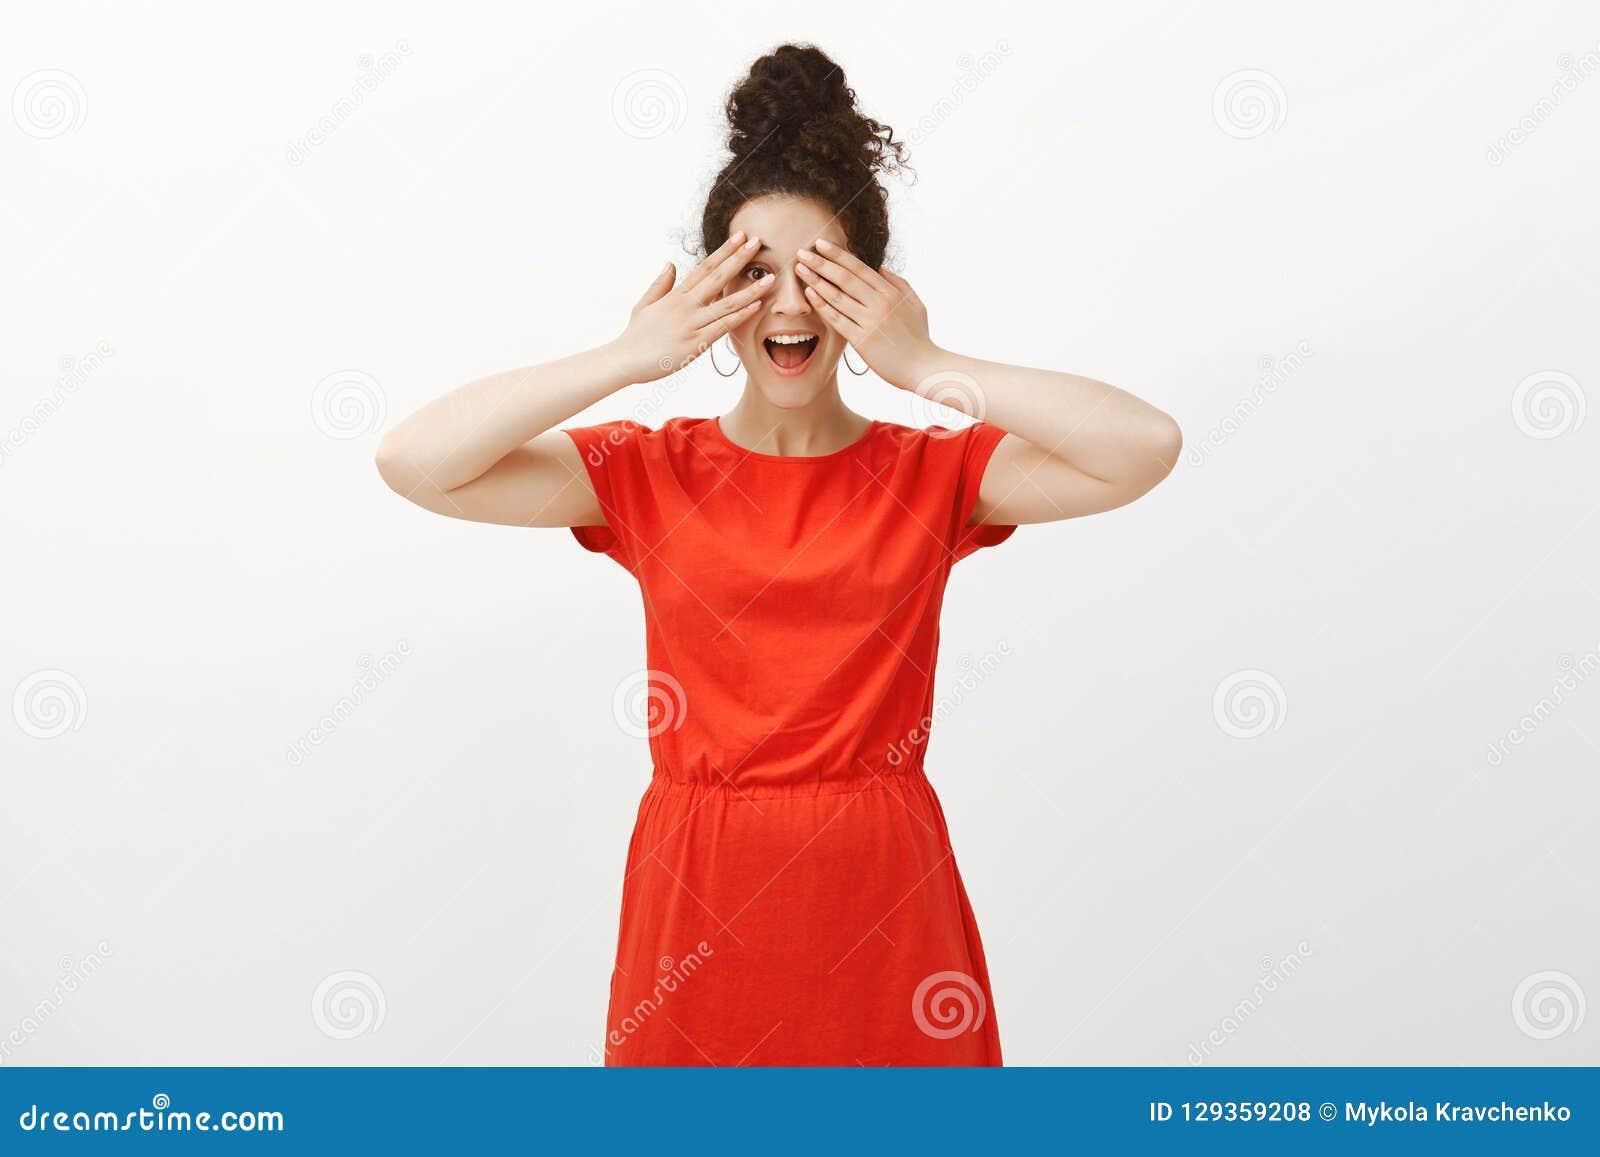 No może czekać widzieć niespodziankę Pozytywna z podnieceniem dziewczyna w eleganckiej czerwieni sukni ono uśmiecha się szeroko i